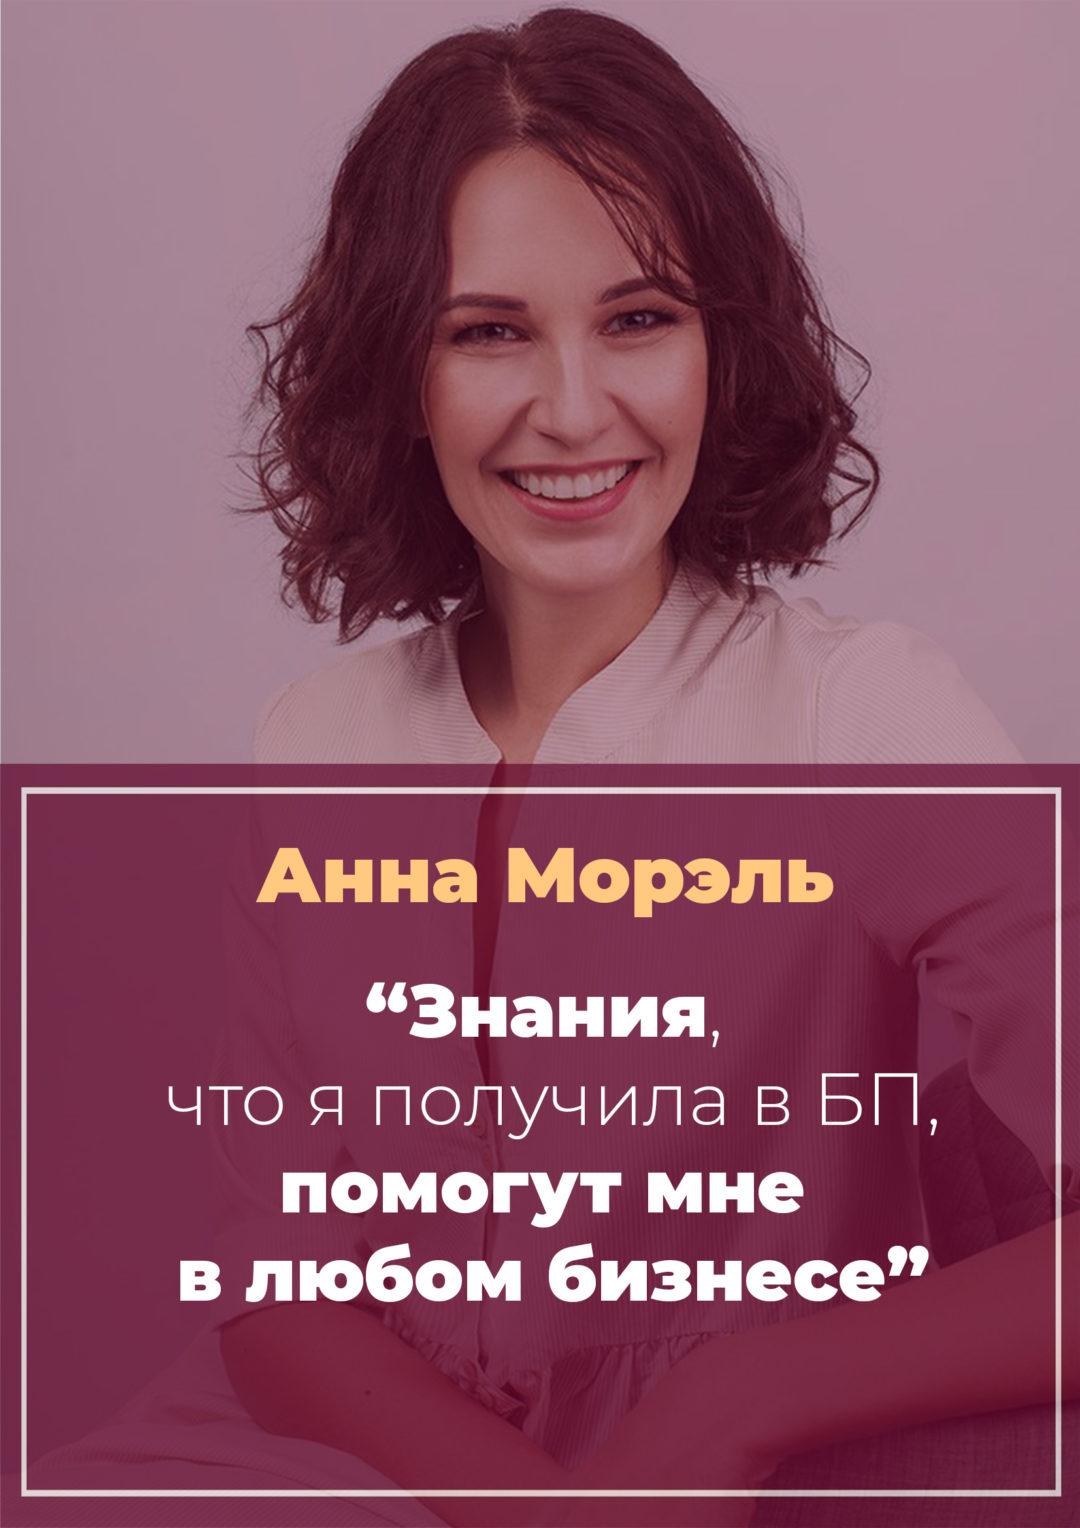 История Анны Морэль